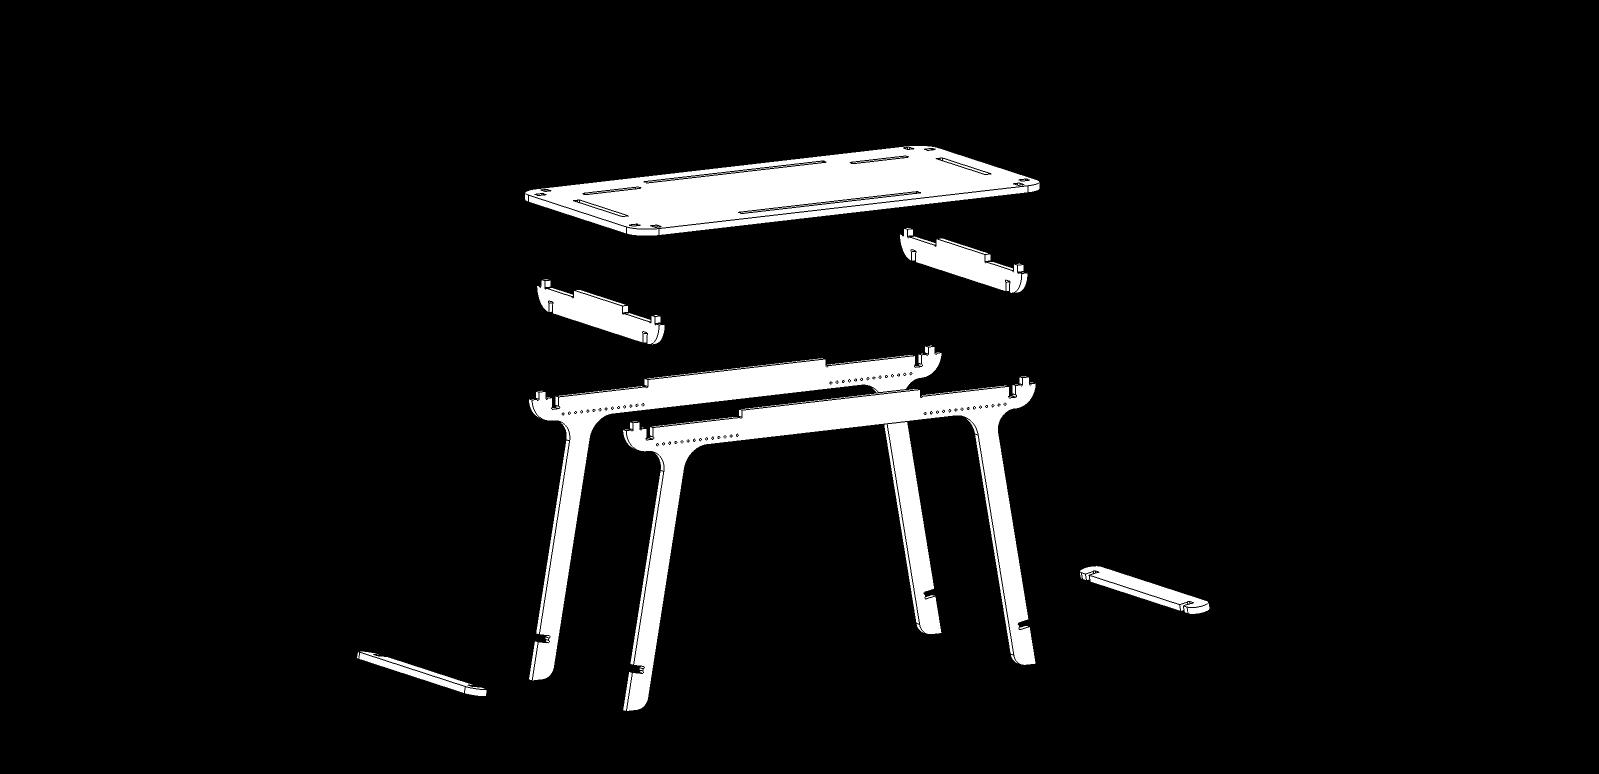 Bureau CNC – Design 02 – 18mm – Elastic Version – Vector_03